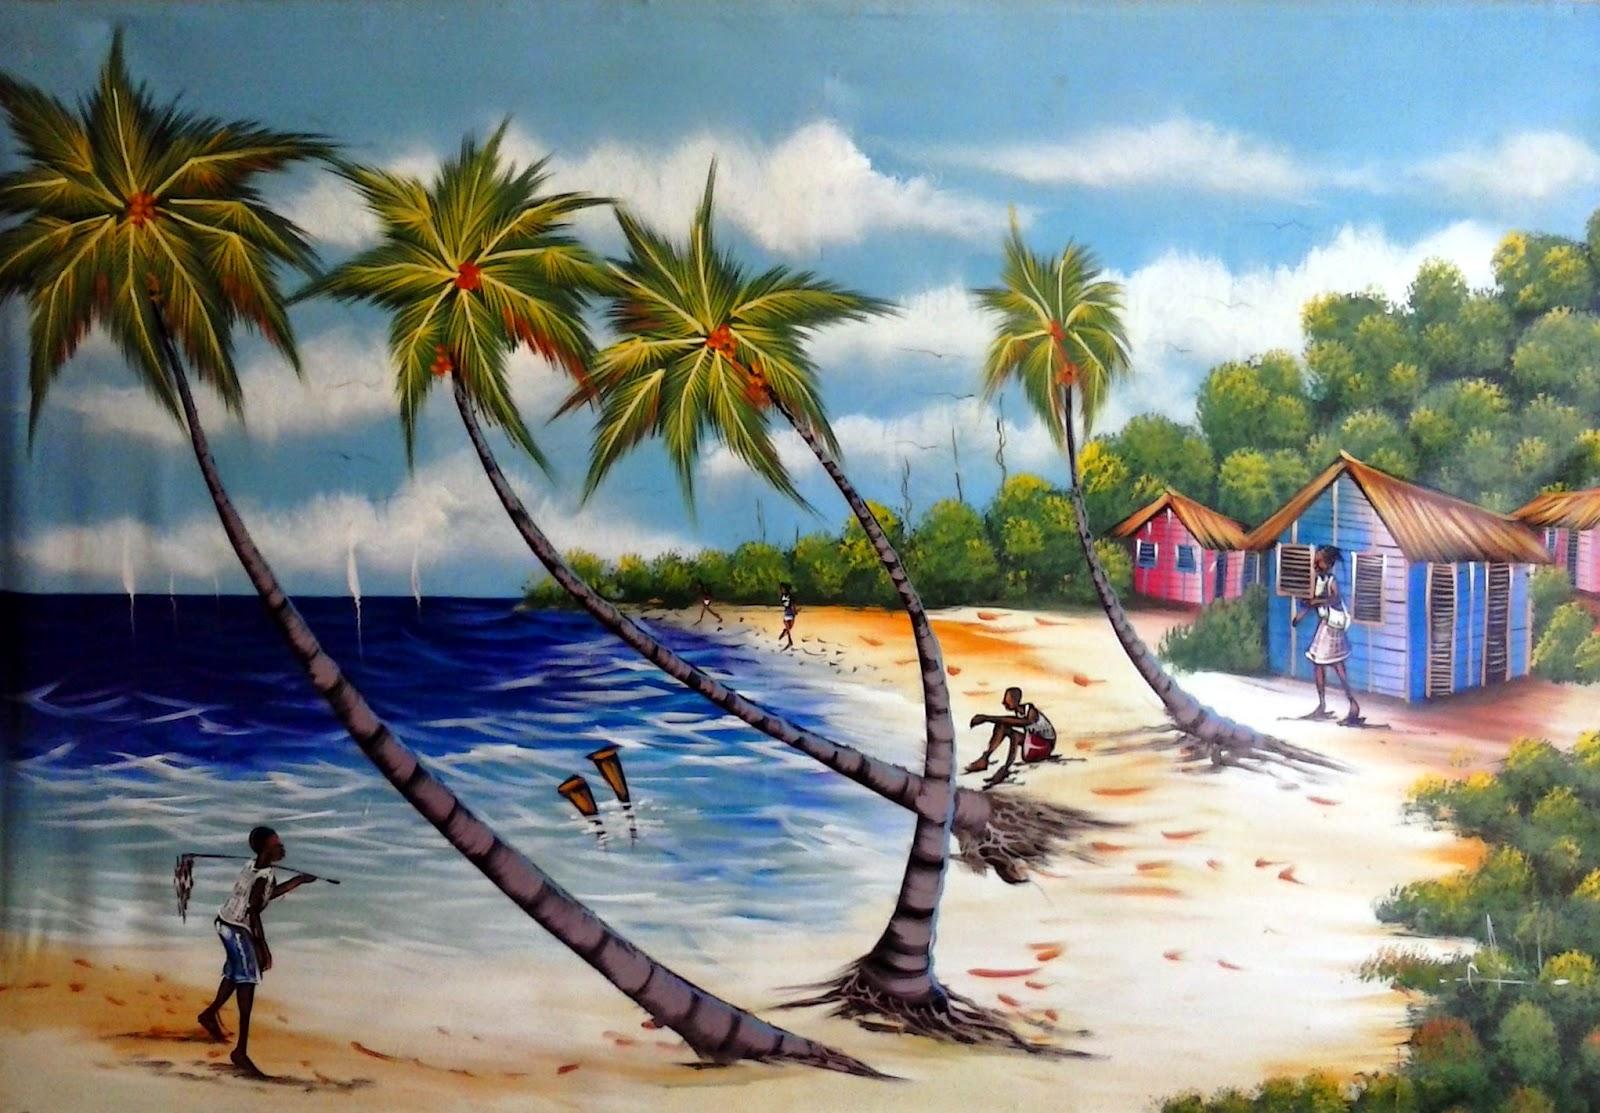 Haitianarts painting beaches Las Galeras